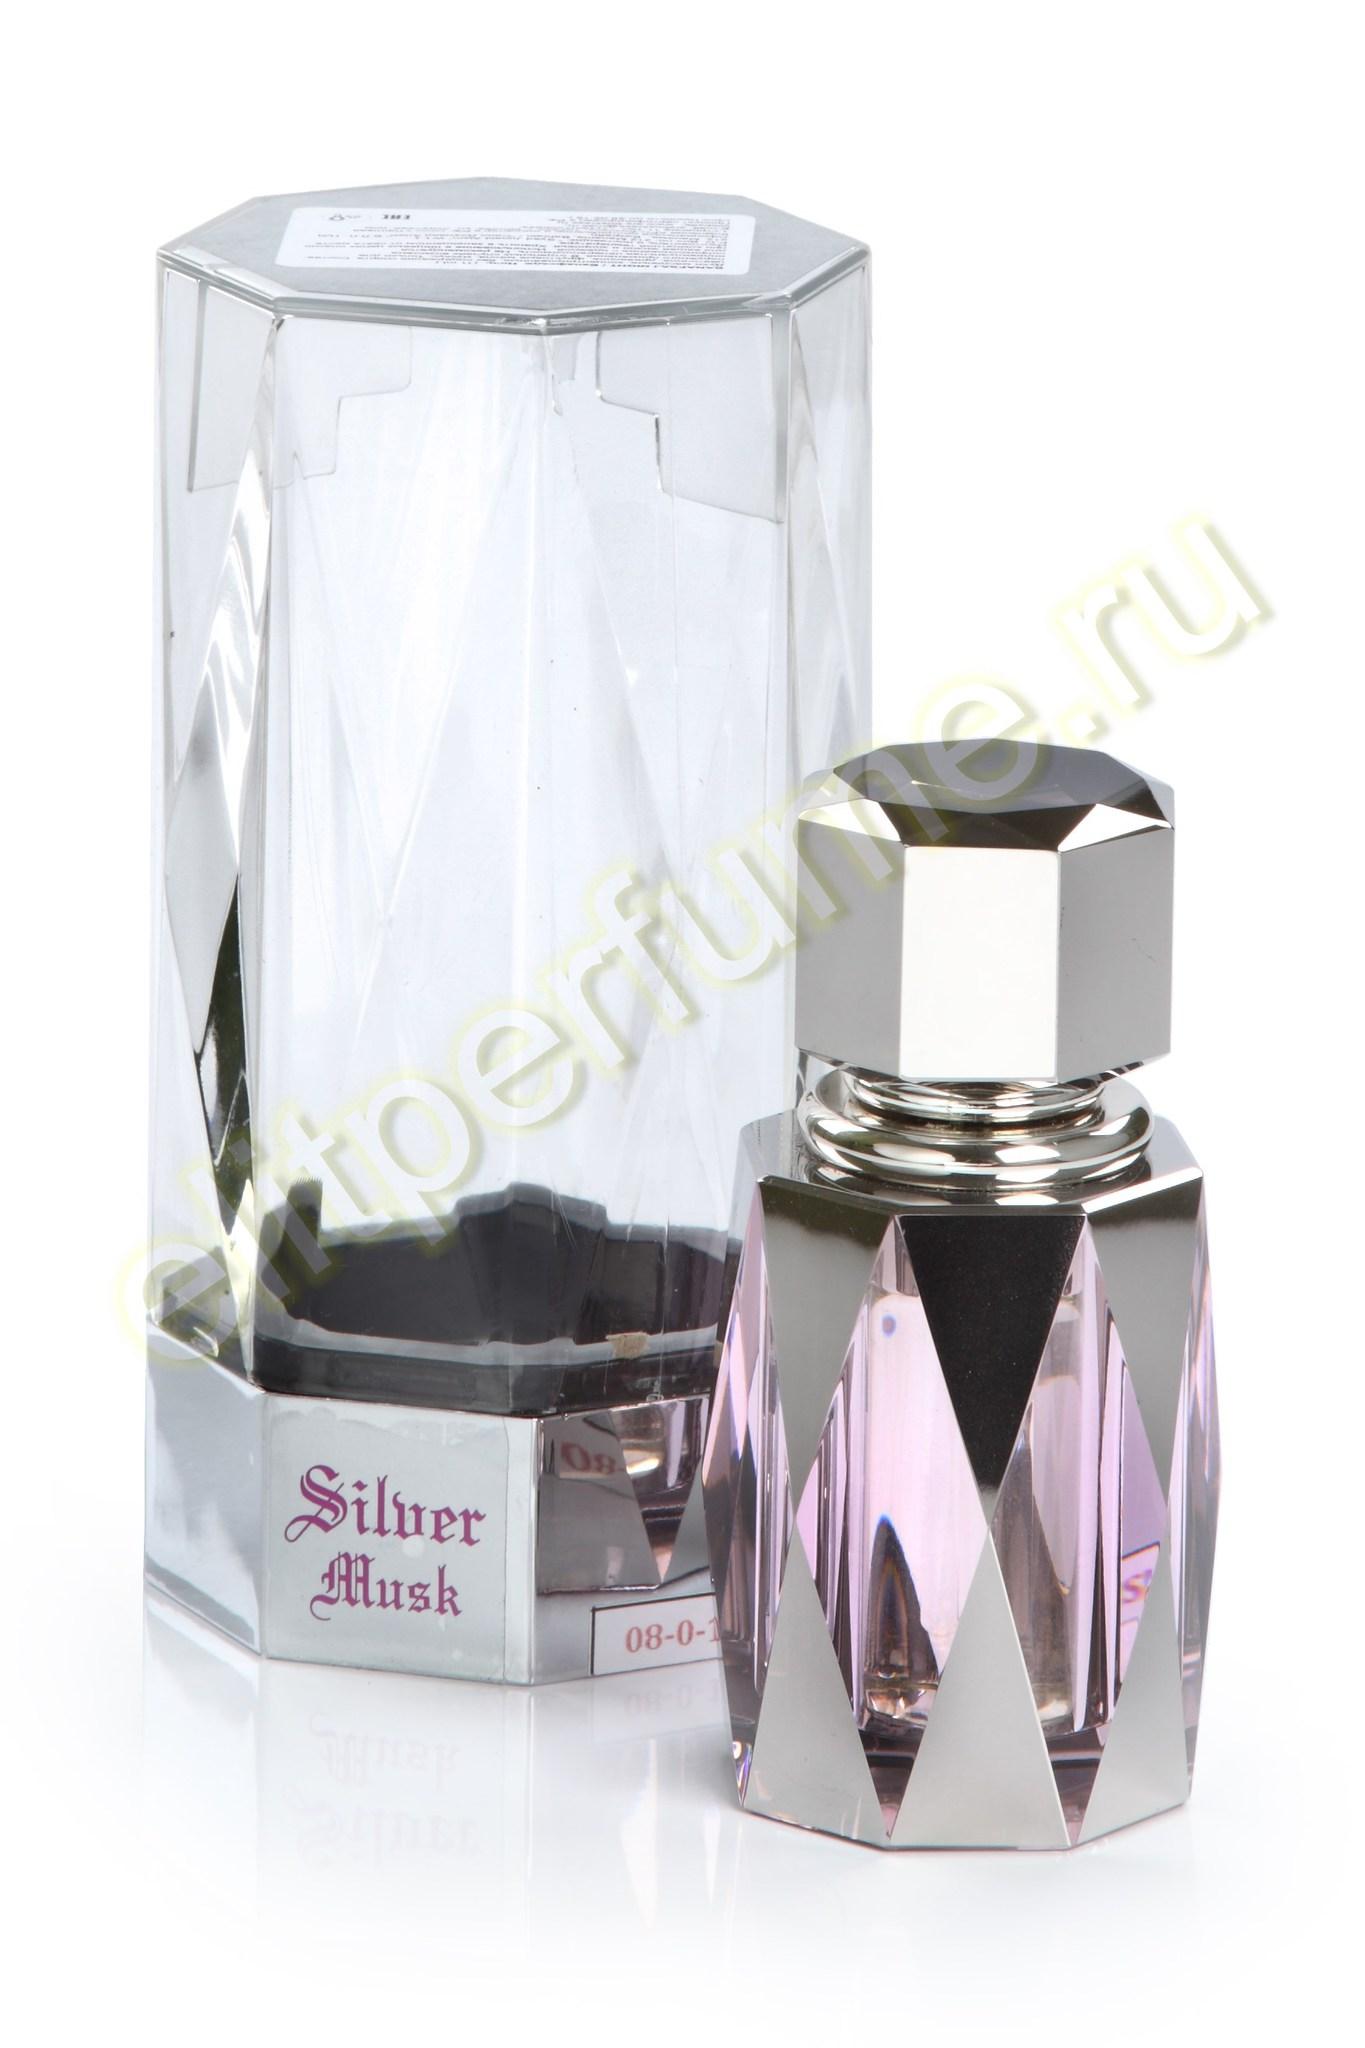 Silver Musk Серебряный Мускус 10 мл арабские масляные духи от Саид Джунаид Алам Syed Junaid Alam